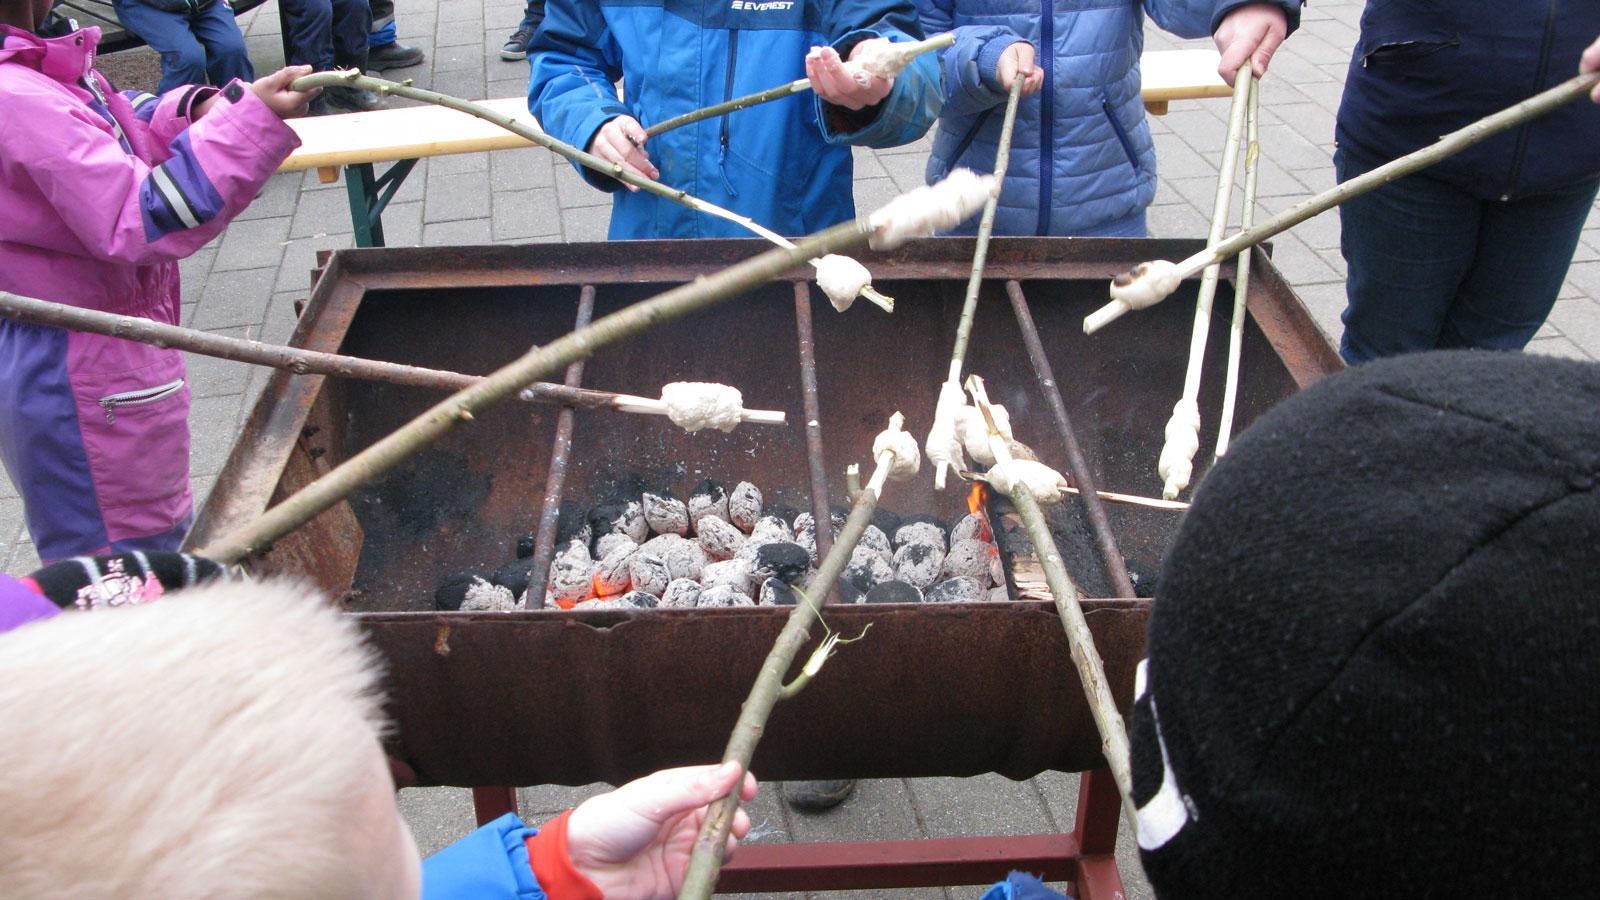 Grillning med scoutkåren. Foto: Ivar Sjögrenför StaffanstorpsAktuellt